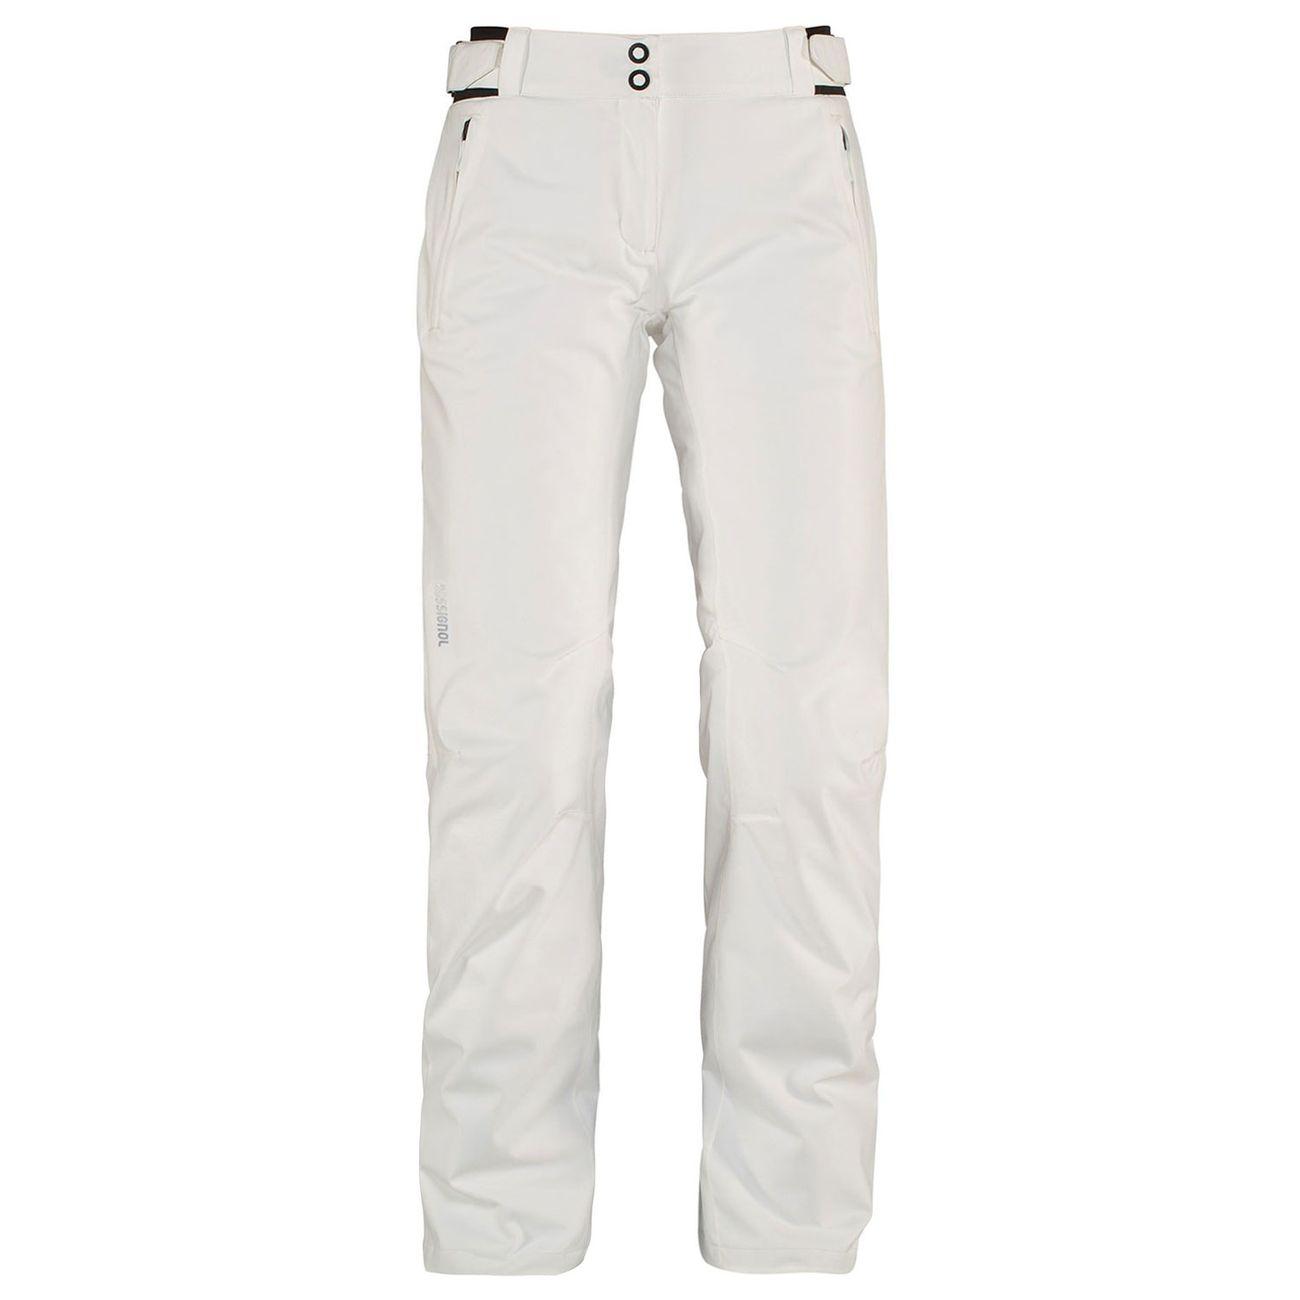 ROSSIGNOL Ski Pantalon Ski Femme – achat et prix pas cher - Go Sport ed2ad5142fb